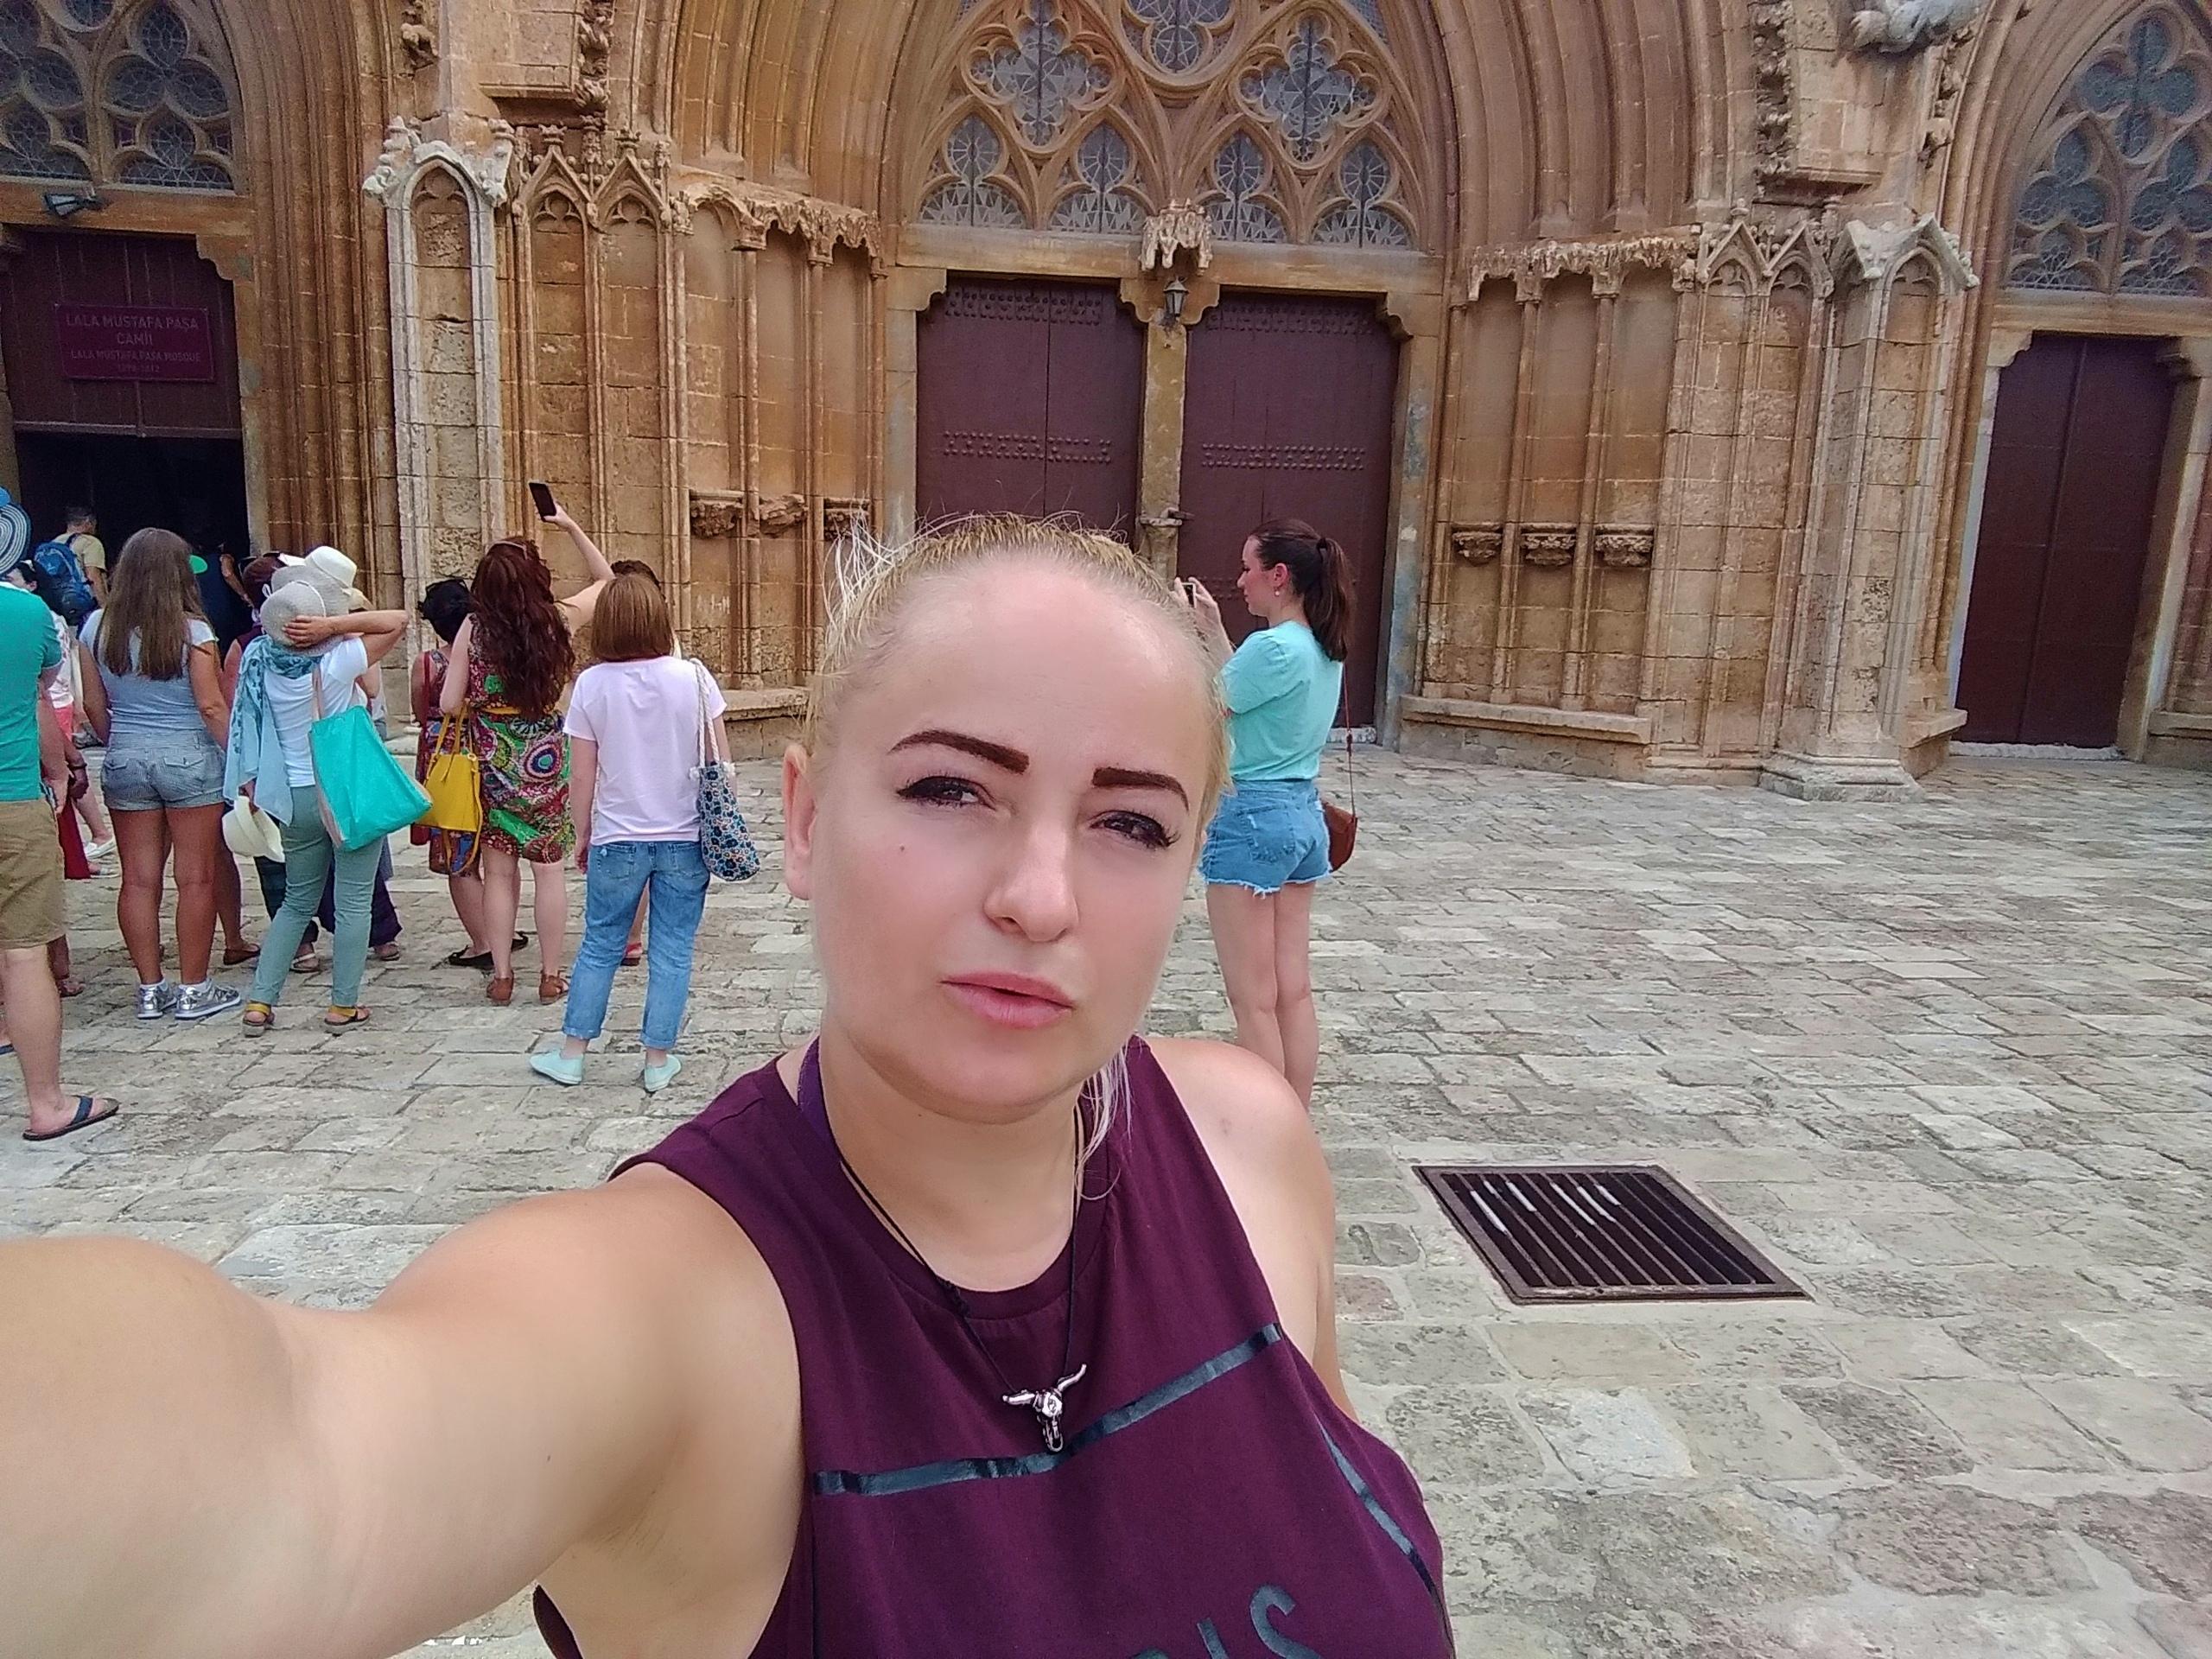 Хиккадува - Интересные места в которых я побывала (Елена Руденко). MiyZktZV9FQ